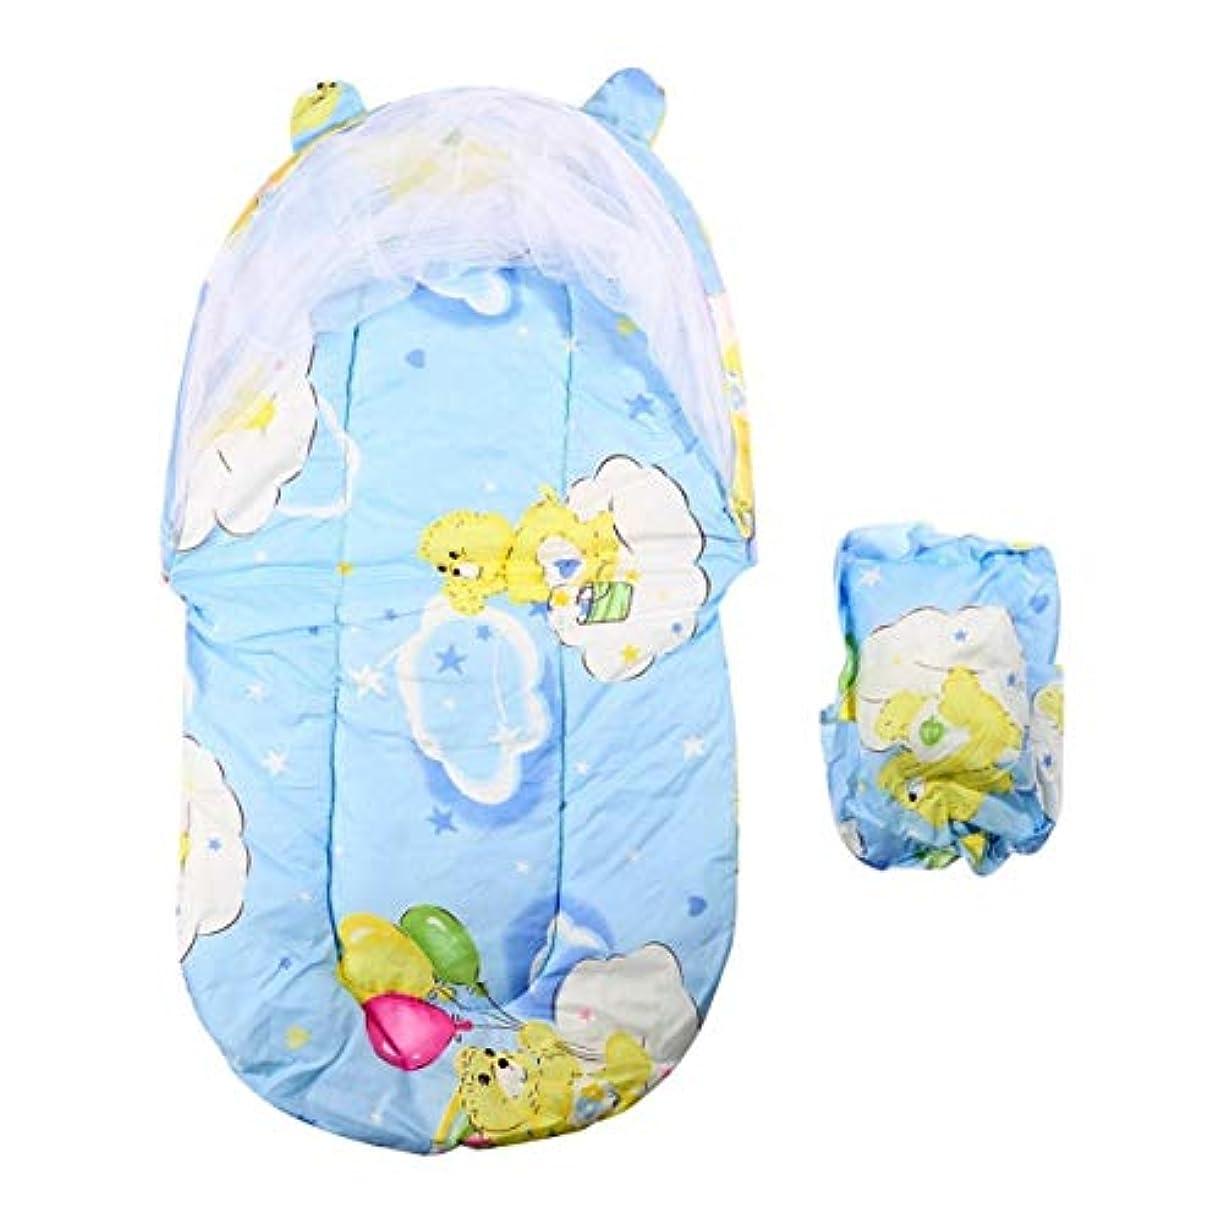 飲食店環境保護主義者とにかくSaikogoods 折り畳み式の新しい赤ん坊の綿パッド入りマットレス幼児枕ベッド蚊帳テントはキッズベビーベッドアクセサリーハングドームフロアスタンド 青